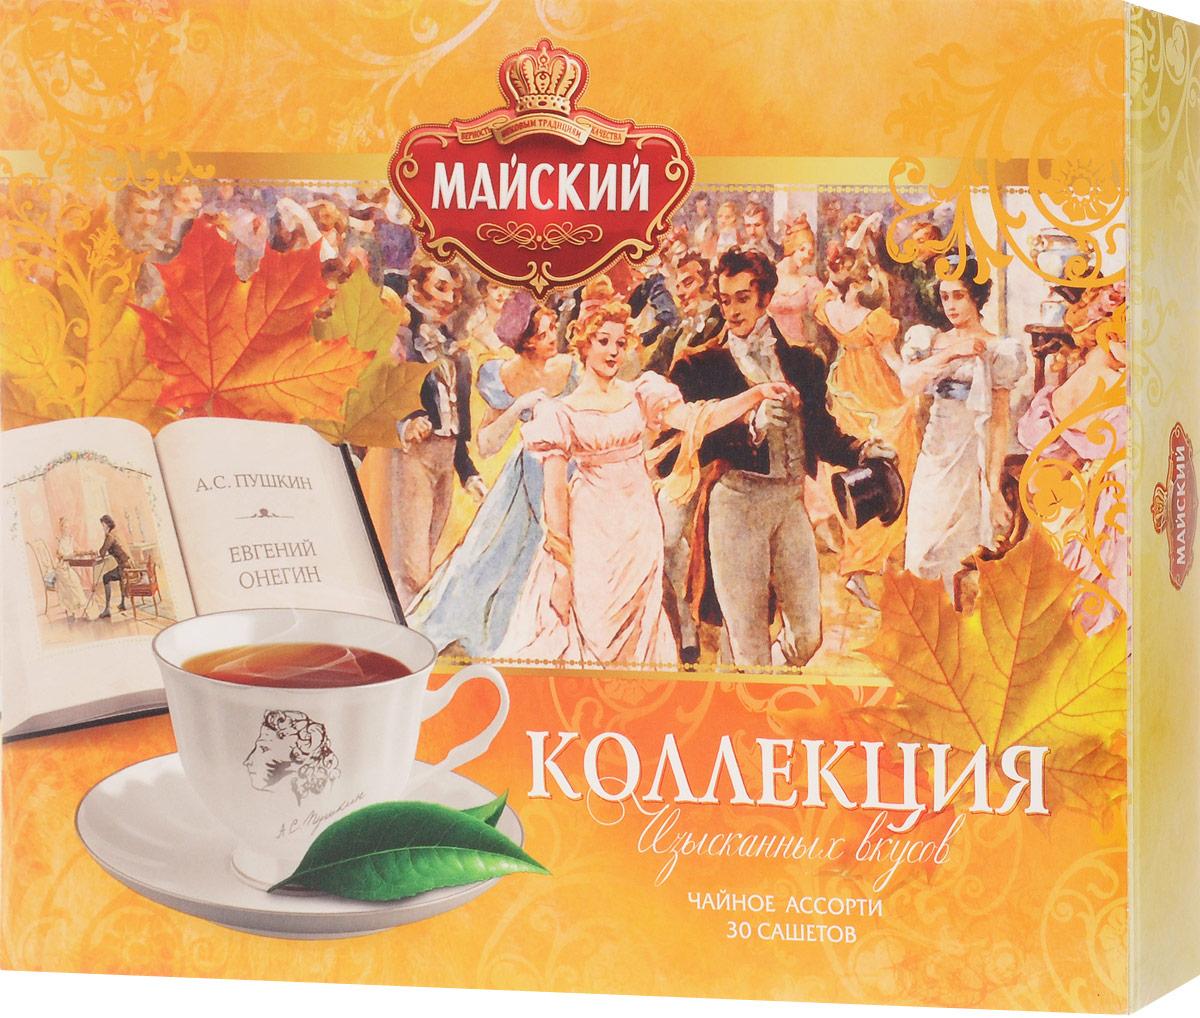 Майский Коллекция изысканных вкусов чай черный в пакетиках, 30 шт101246Уникальная коллекция вкусов чая Майский в изысканном подарочном формате упаковки.В набор входят:Благородный Цейлон:Совершенство классики. Исключительный обволакивающий нежный вкус Высокогорного Цейлонского чая с выраженным цветочным ароматом в Майский Благородный Цейлон.Ароматный бергамот:Безупречное сочетание насыщенного черного чая и свежих цитрусовых ноток. Откройте для себя пленительные оттенки любимого аромата в каждой чашке Майский Ароматный Бергамот.Душистый чабрец:Абсолютная гармония черного чая и летнего пряного аромата чабреца. Майский Душистый Чабрец!Смородина с мятой:Волнующее сочетание вкуса черного чая, сочной спелой смородины м натуральной мяты. Окунитесь в атмосферу цветущего сада с новым Майский Смородина с Мятой.Пряный Восток:Насыщенный вкус черного чая с пряными нотками кардамона и согревающим ароматом корицы. Истинные ценители отметят исключительное сочетание специй в новом чае Майский Пряный Восток.